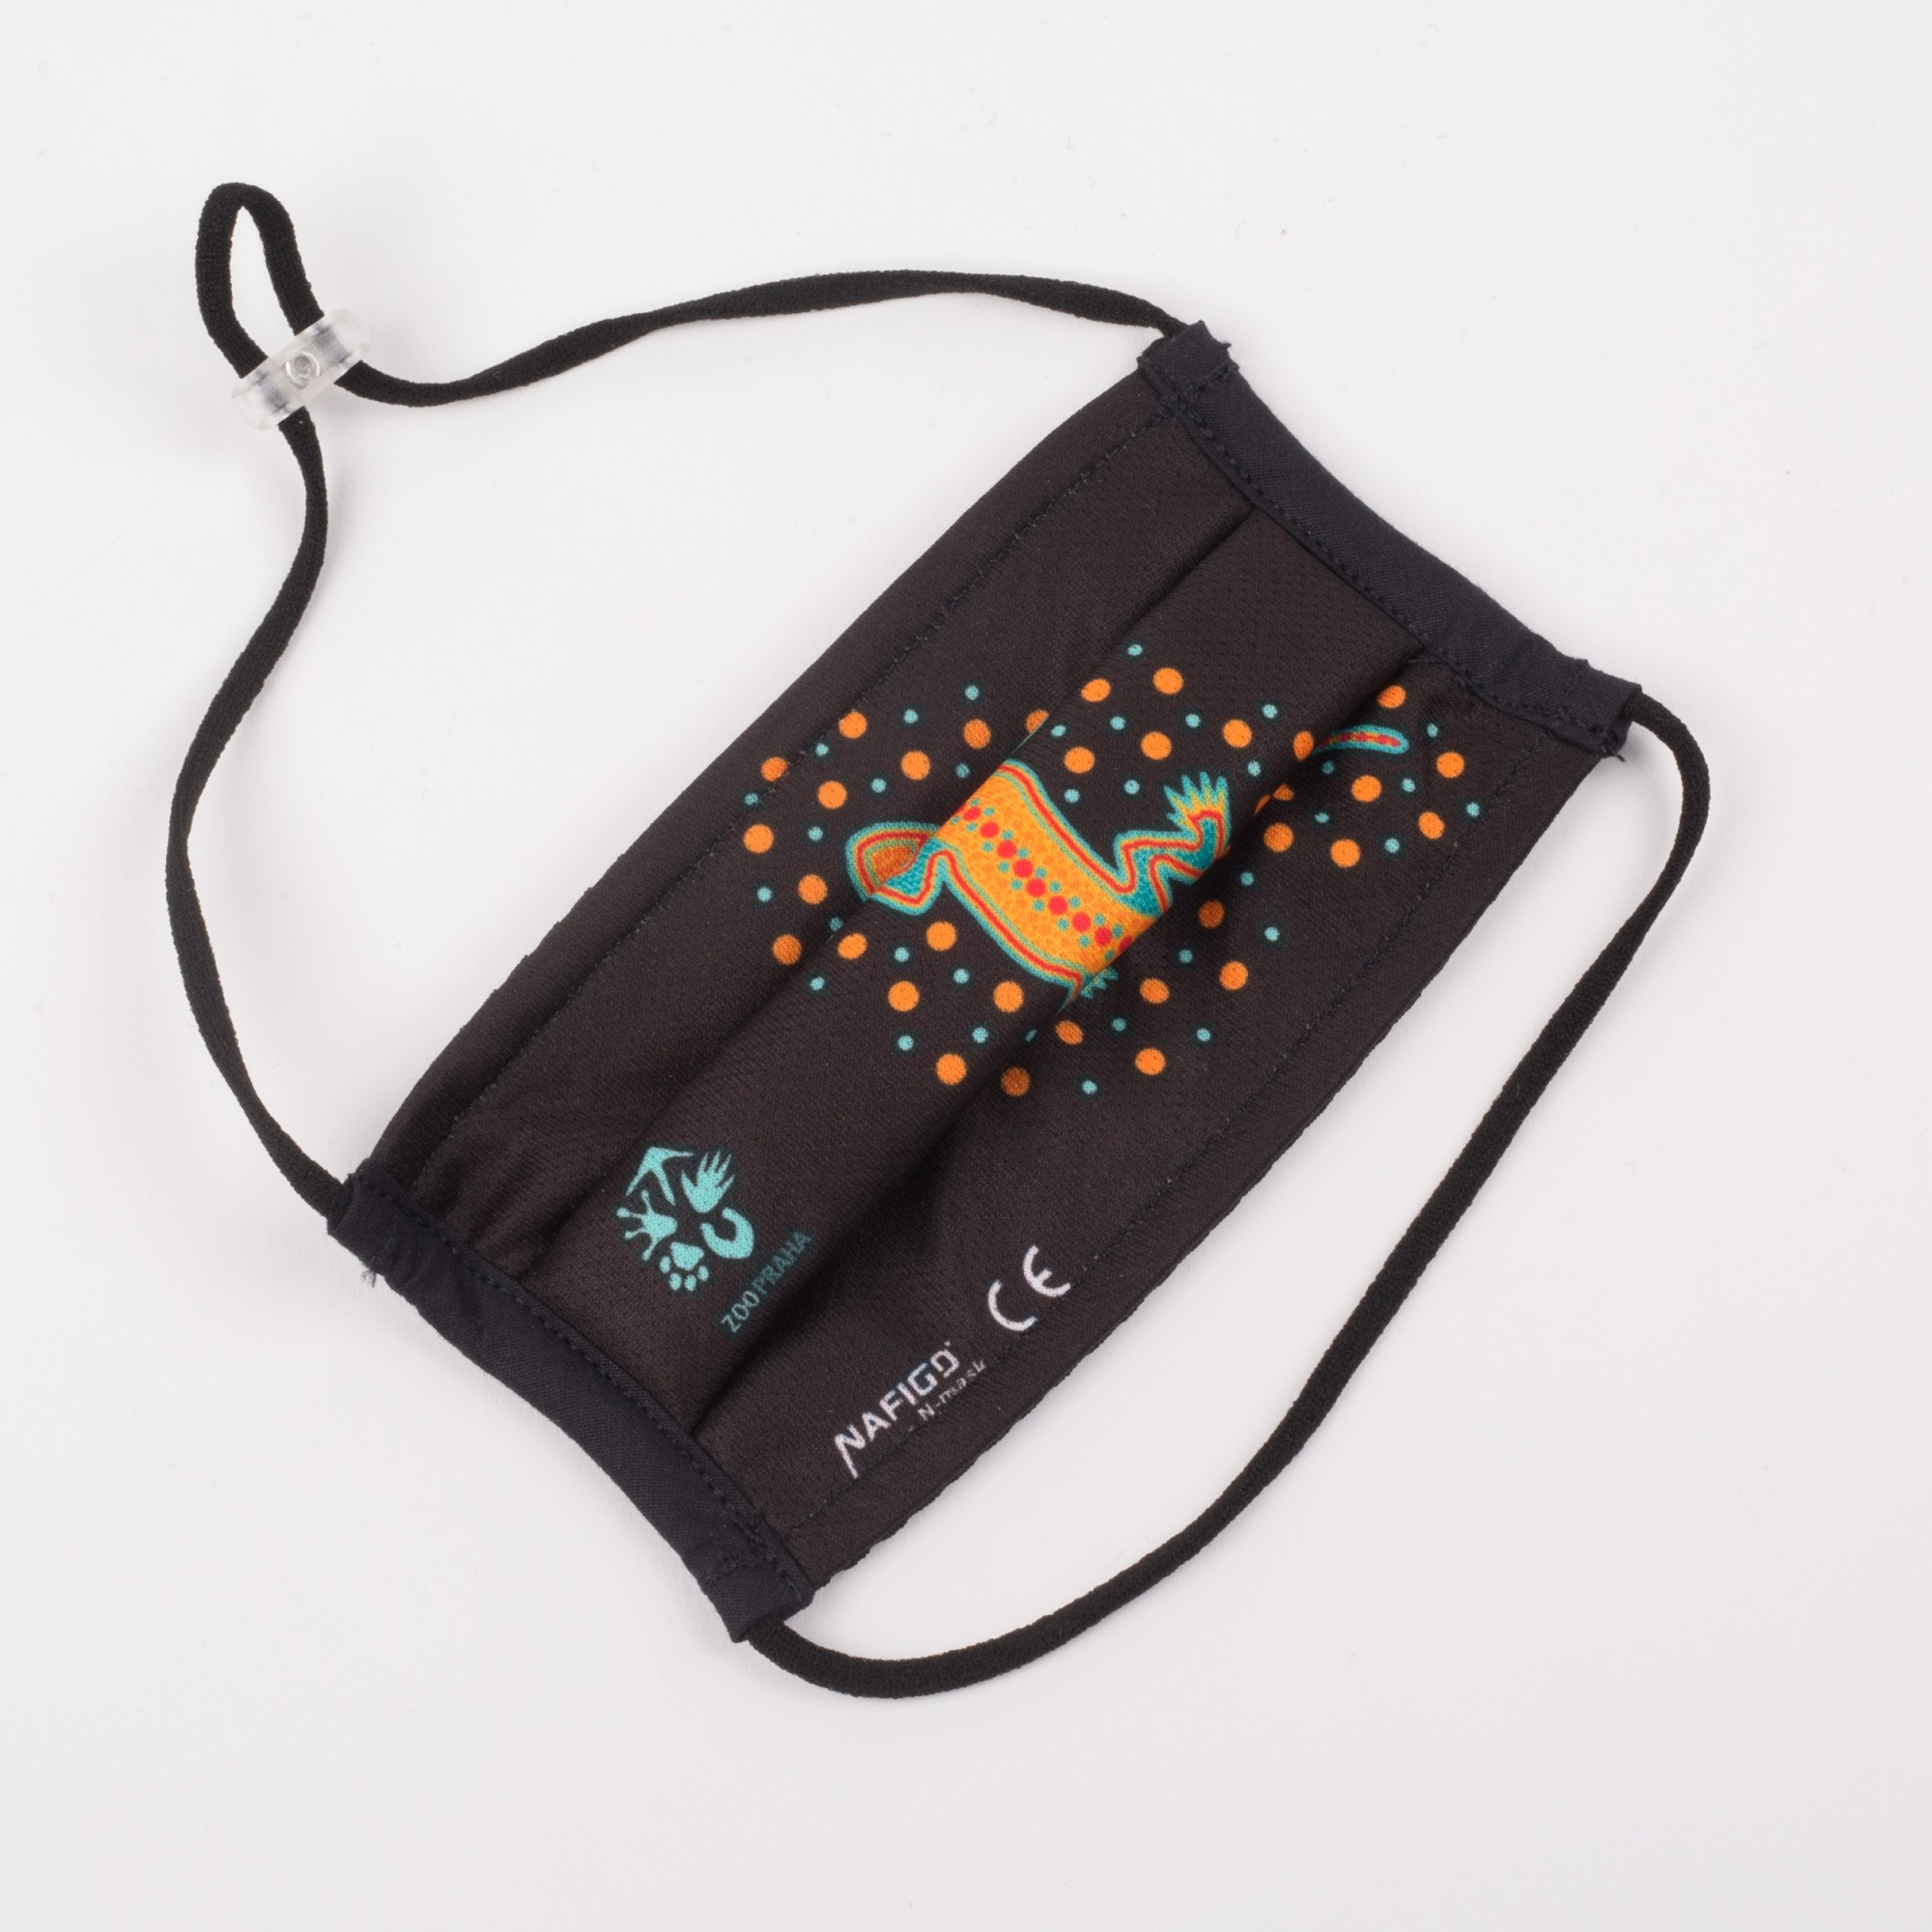 Certifikovaná dětská nanorouška s ochranou úrovně FFP2 – motiv s gekonem